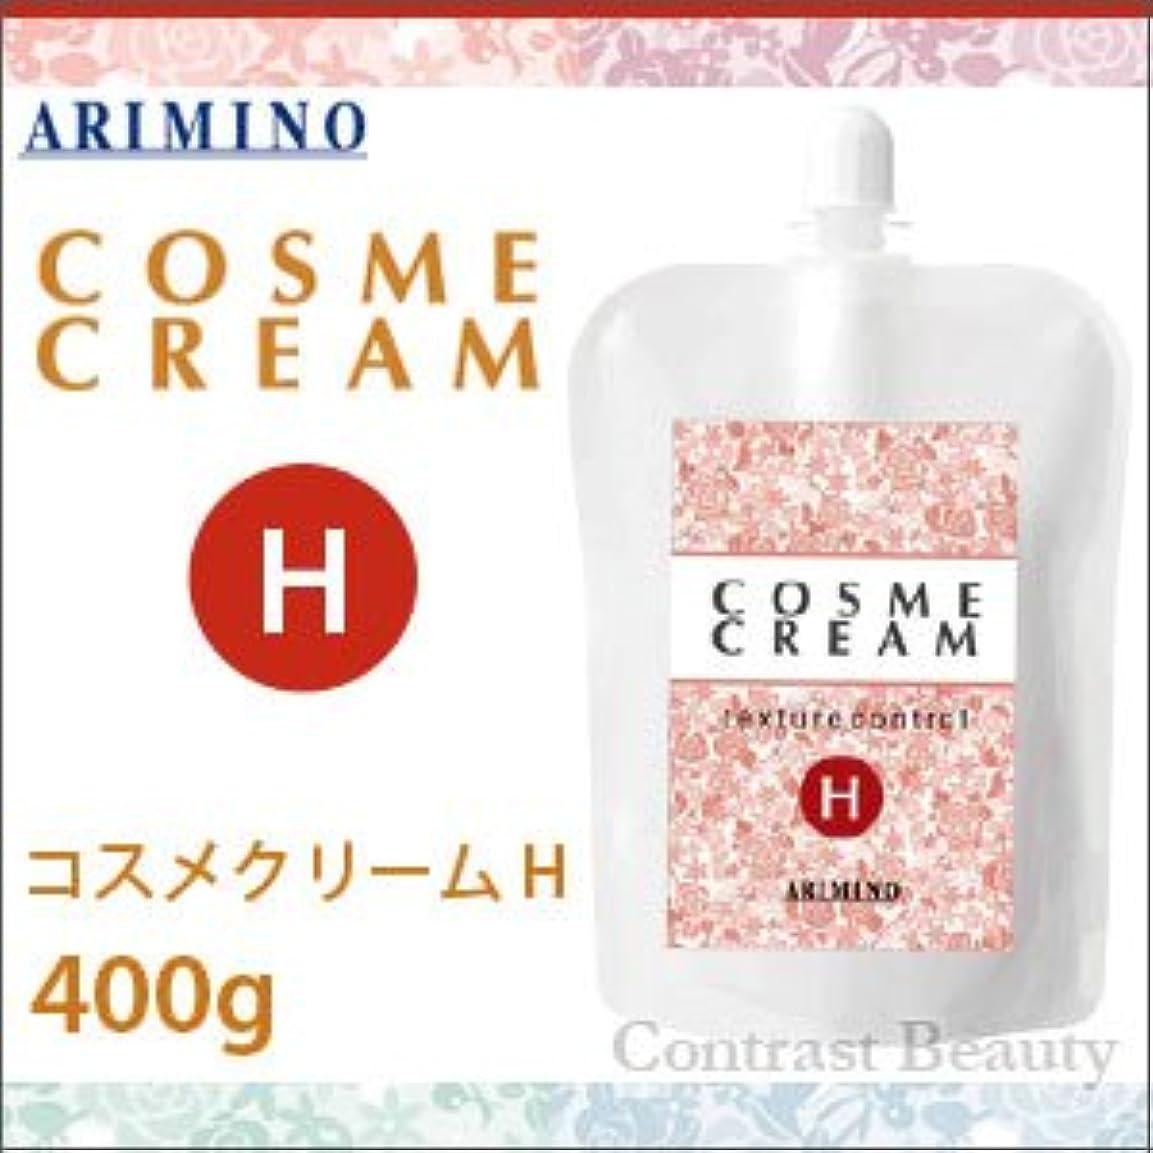 芝生電気陽性今晩アリミノ コスメクリーム H 400g